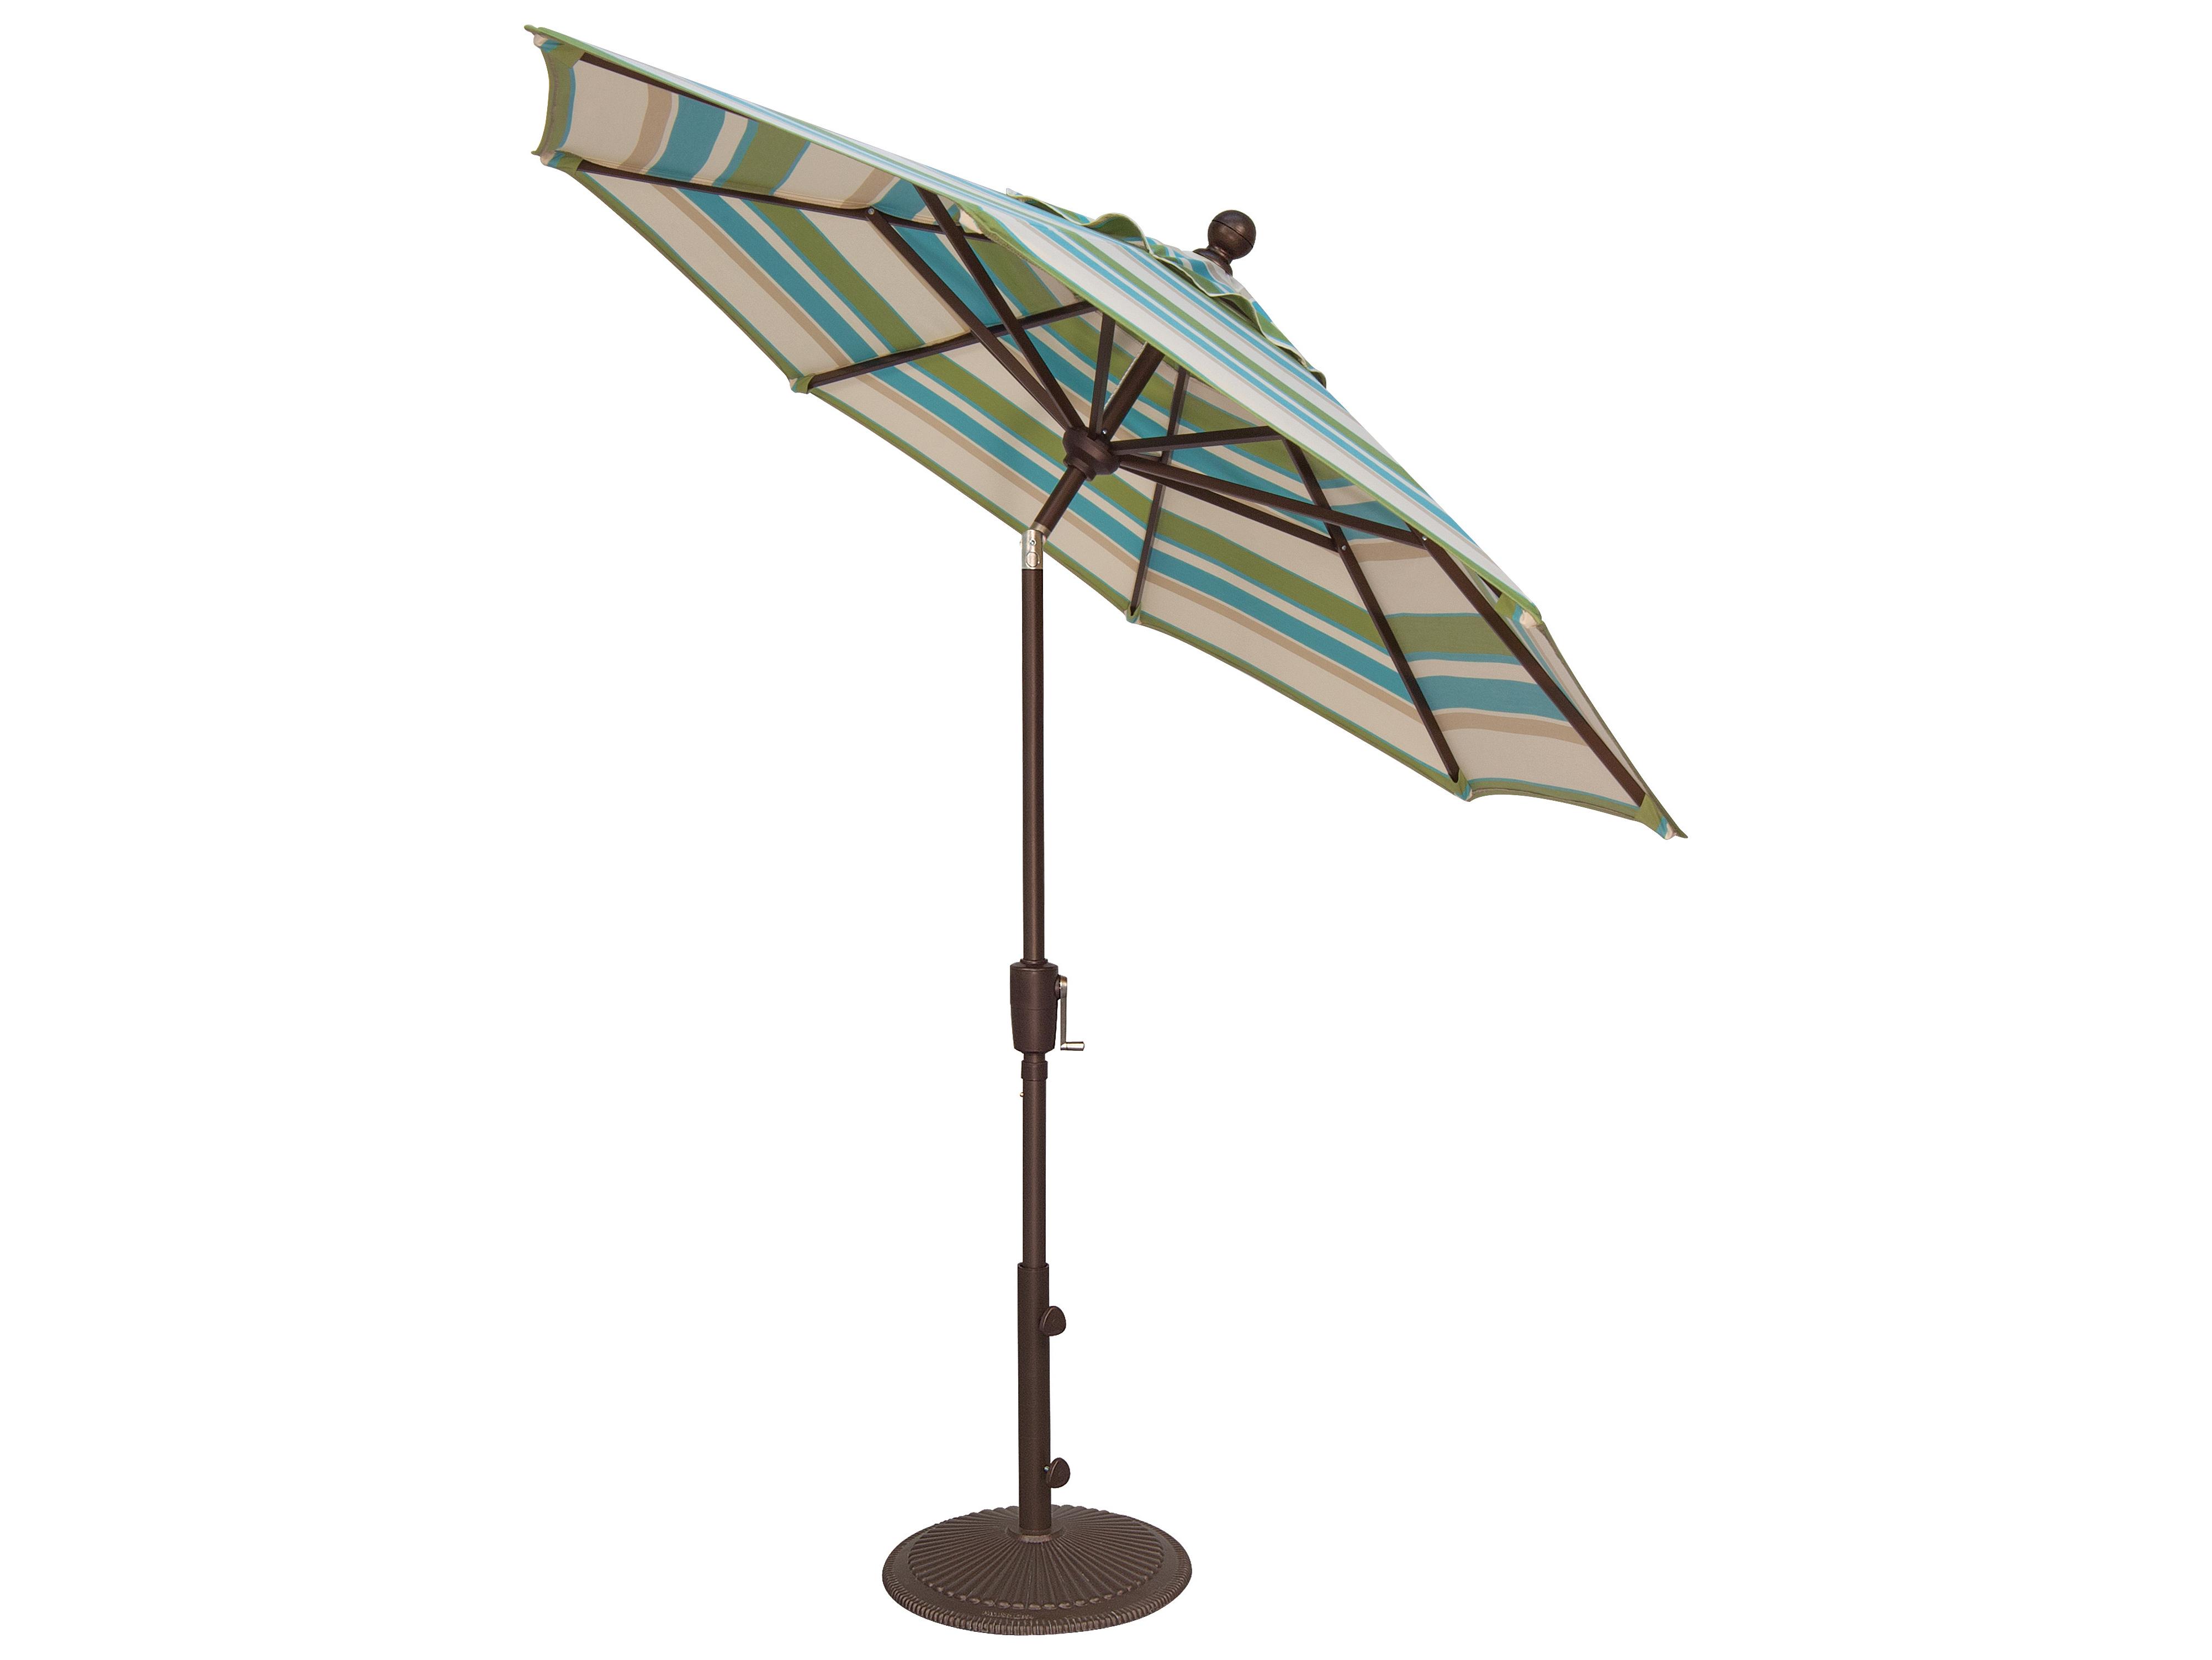 Garden Umbrella Base Wickes: Treasure Garden Market Aluminum 7.5' Octagon Push Button